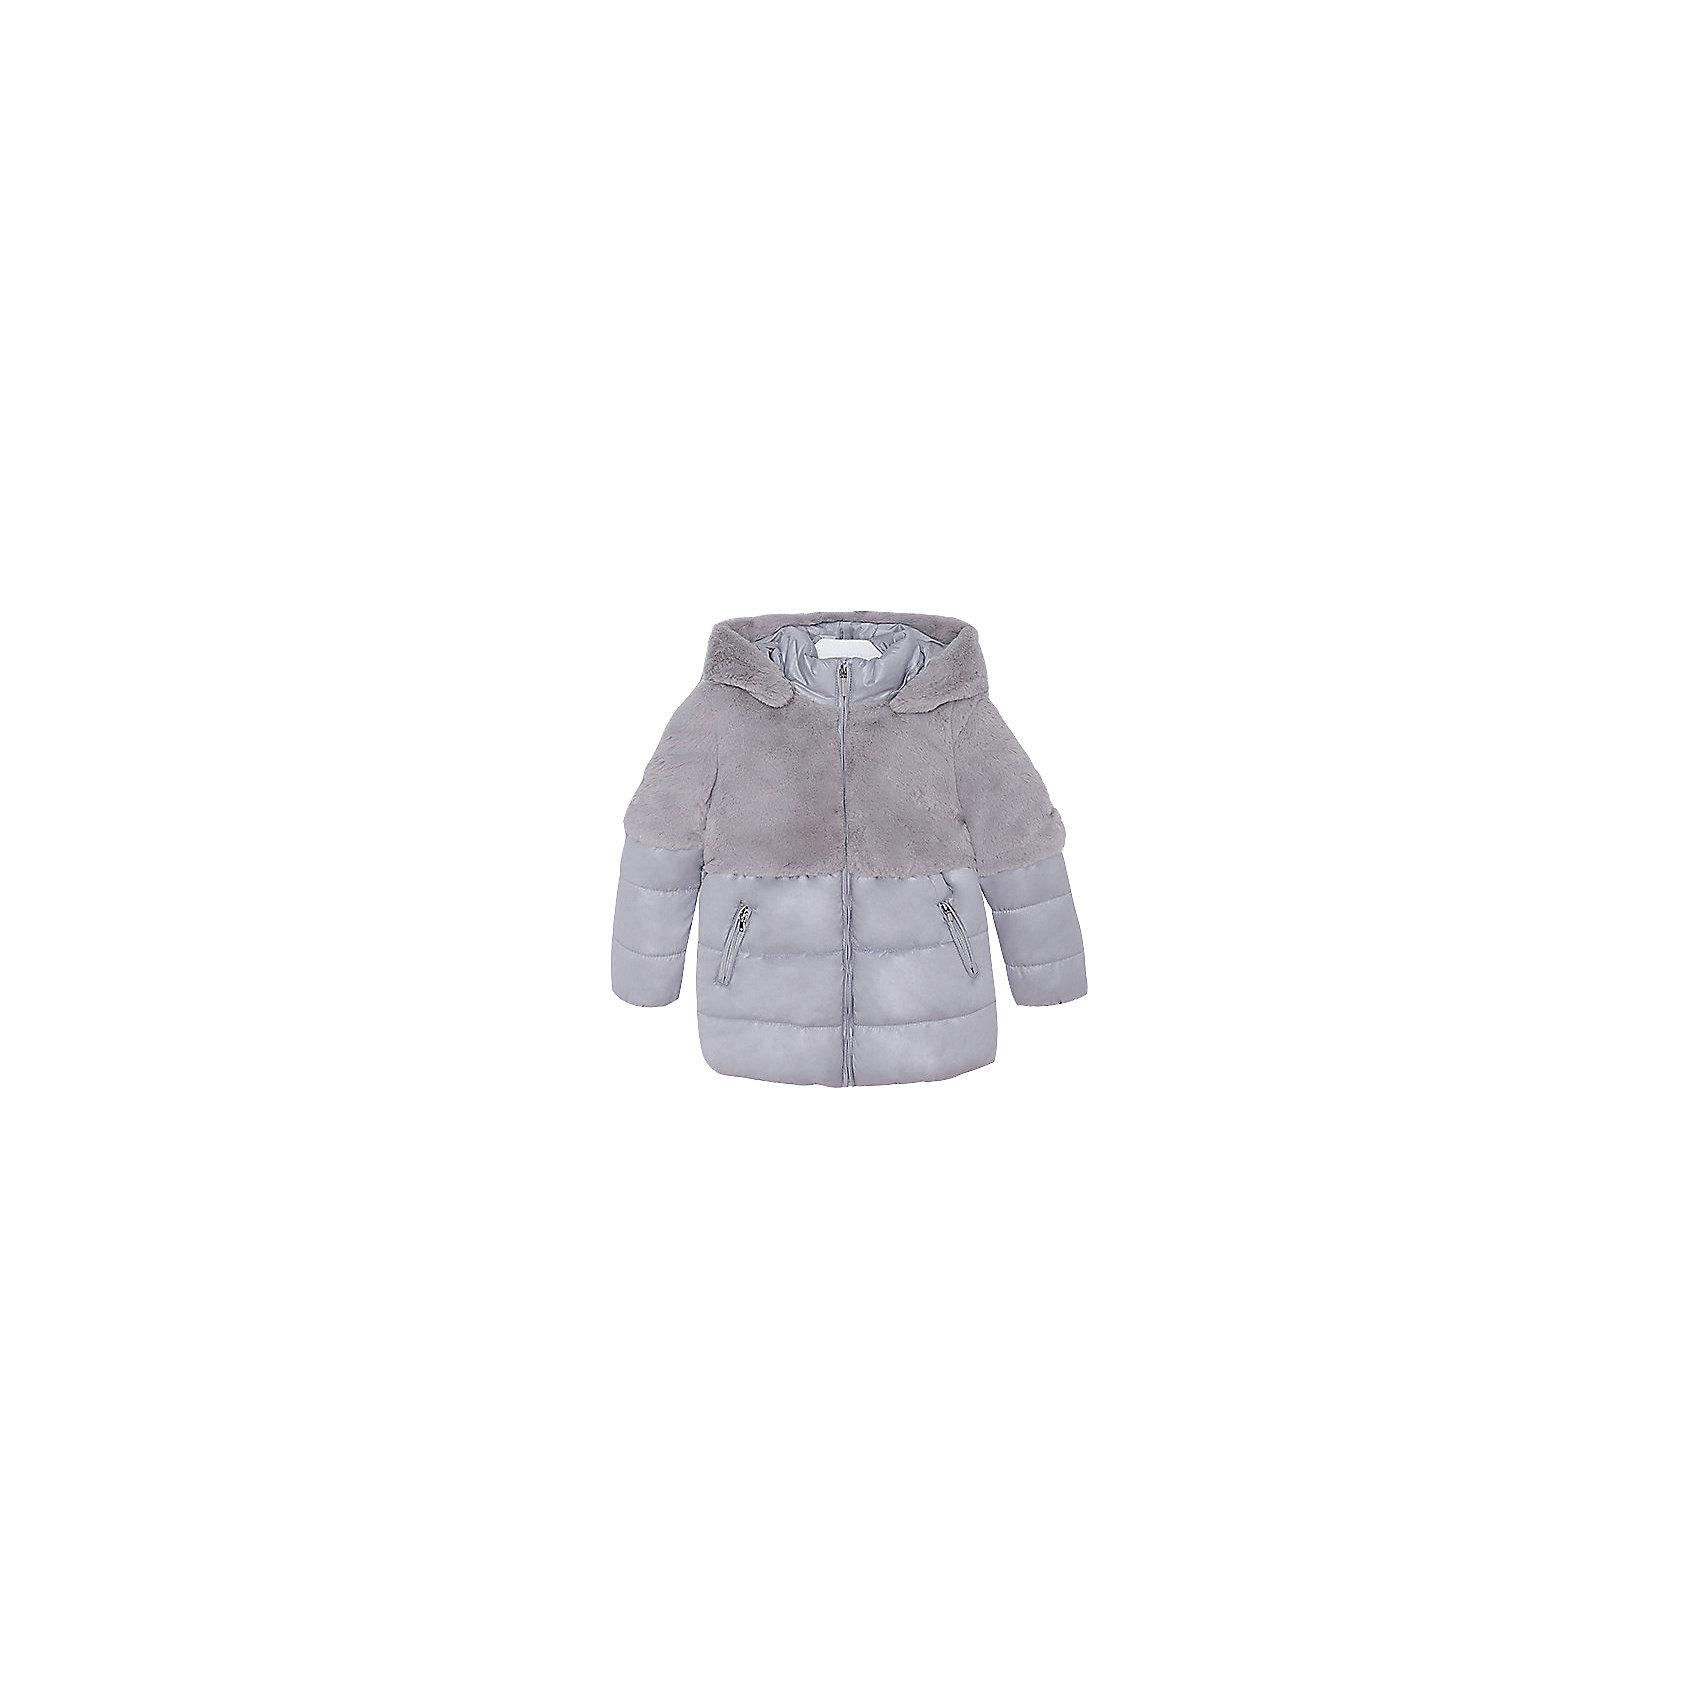 Куртка Mayoral для девочкиВерхняя одежда<br>Характеристики товара:<br><br>• цвет: серый<br>• состав ткани: 58% полиэстер, 42% акрил, подклад - 65% полиэстер, 35% акрил, утеплитель - 100% полиэстер<br>• застежка: молния<br>• длинные рукава<br>• сезон: демисезон<br>• температурный режим: от 0 до -10С<br>• страна бренда: Испания<br>• страна изготовитель: Индия<br><br>Стильная куртка сделана из качественного материала, декорирована оригинальной отделкой. Такая куртка для девочки от бренда Майорал поможет ребенку выглядеть модно и чувствовать себя комфортно. <br><br>Для производства детской одежды популярный бренд Mayoral использует только качественную фурнитуру и материалы. Оригинальные и модные вещи от Майорал неизменно привлекают внимание и нравятся детям.<br><br>Куртку для девочки Mayoral (Майорал) можно купить в нашем интернет-магазине.<br><br>Ширина мм: 356<br>Глубина мм: 10<br>Высота мм: 245<br>Вес г: 519<br>Цвет: белый<br>Возраст от месяцев: 96<br>Возраст до месяцев: 108<br>Пол: Женский<br>Возраст: Детский<br>Размер: 134,92,98,104,110,116,122,128<br>SKU: 6924429